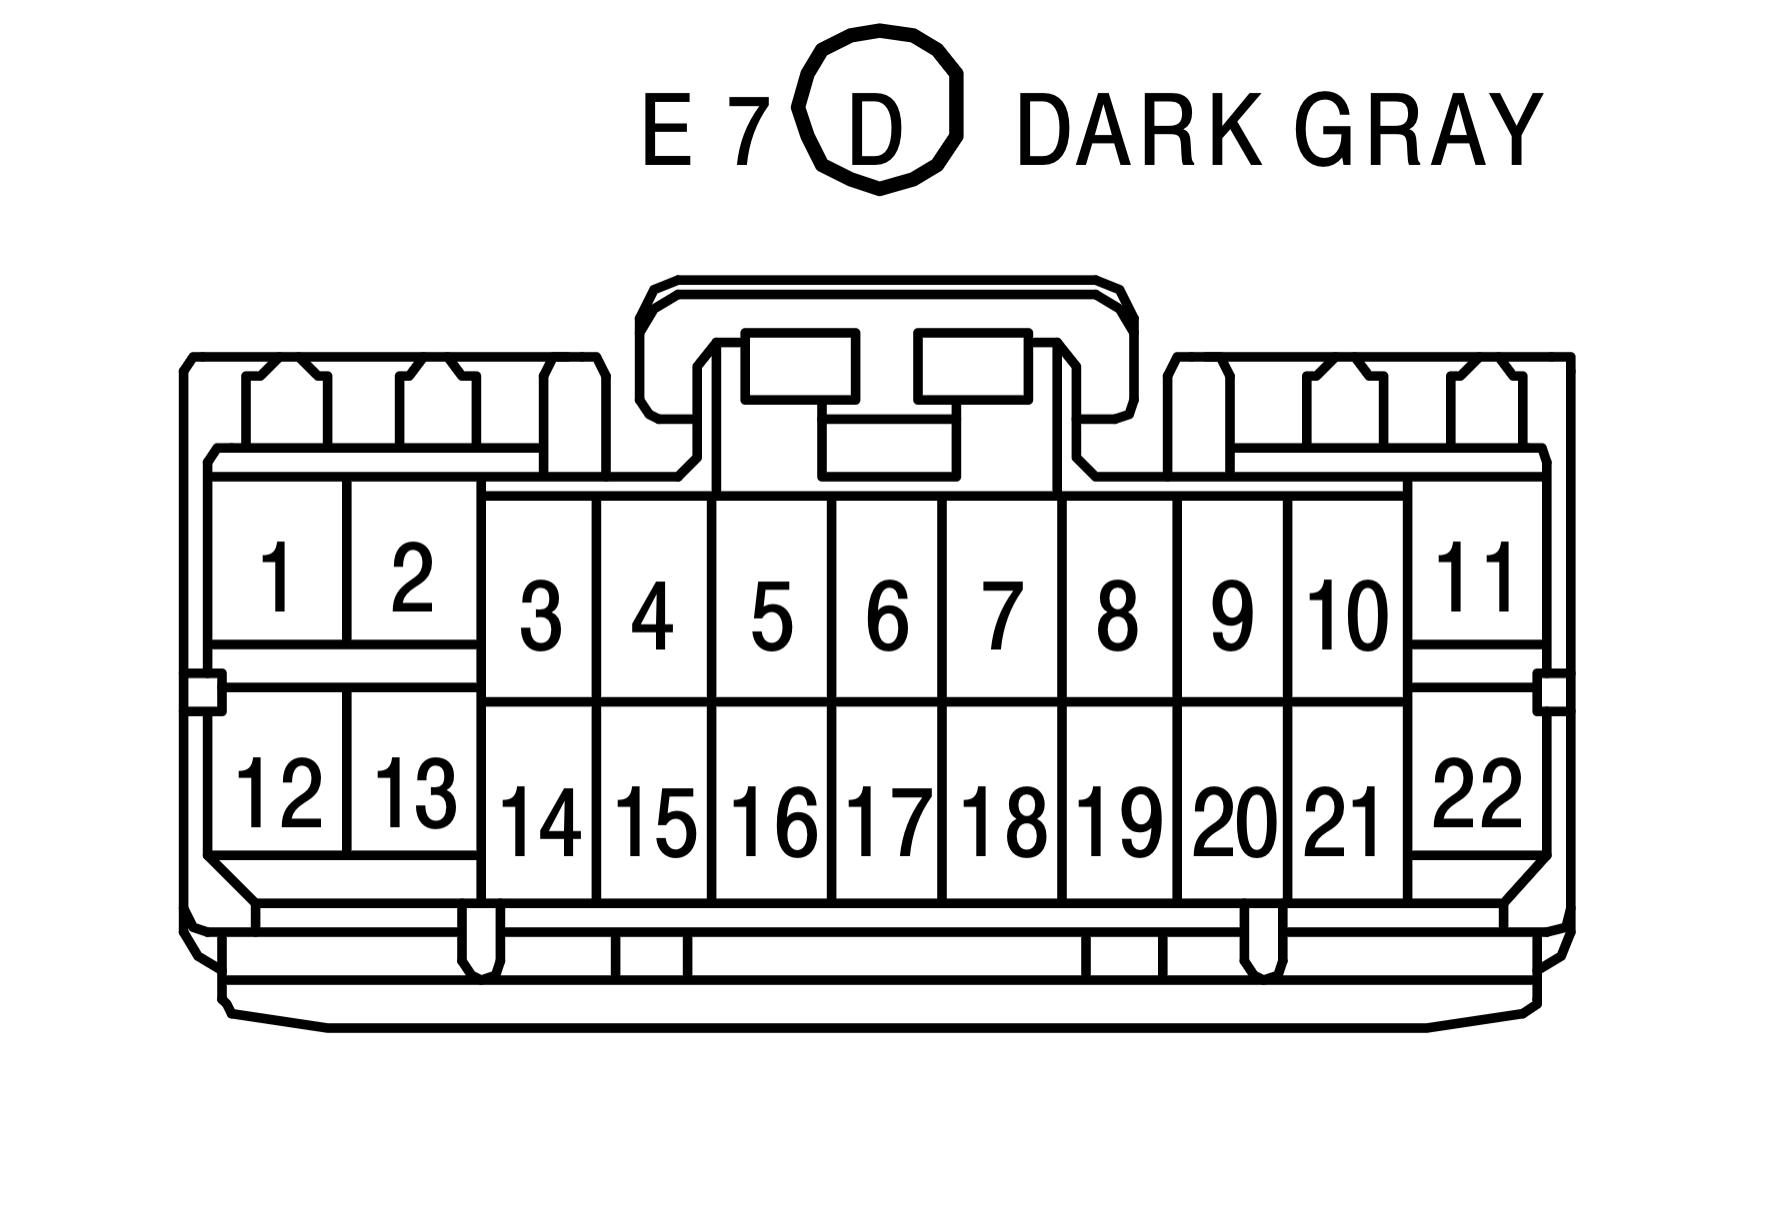 41767492-0D7C-4398-8262-75F5E0AB8BB8.jpeg